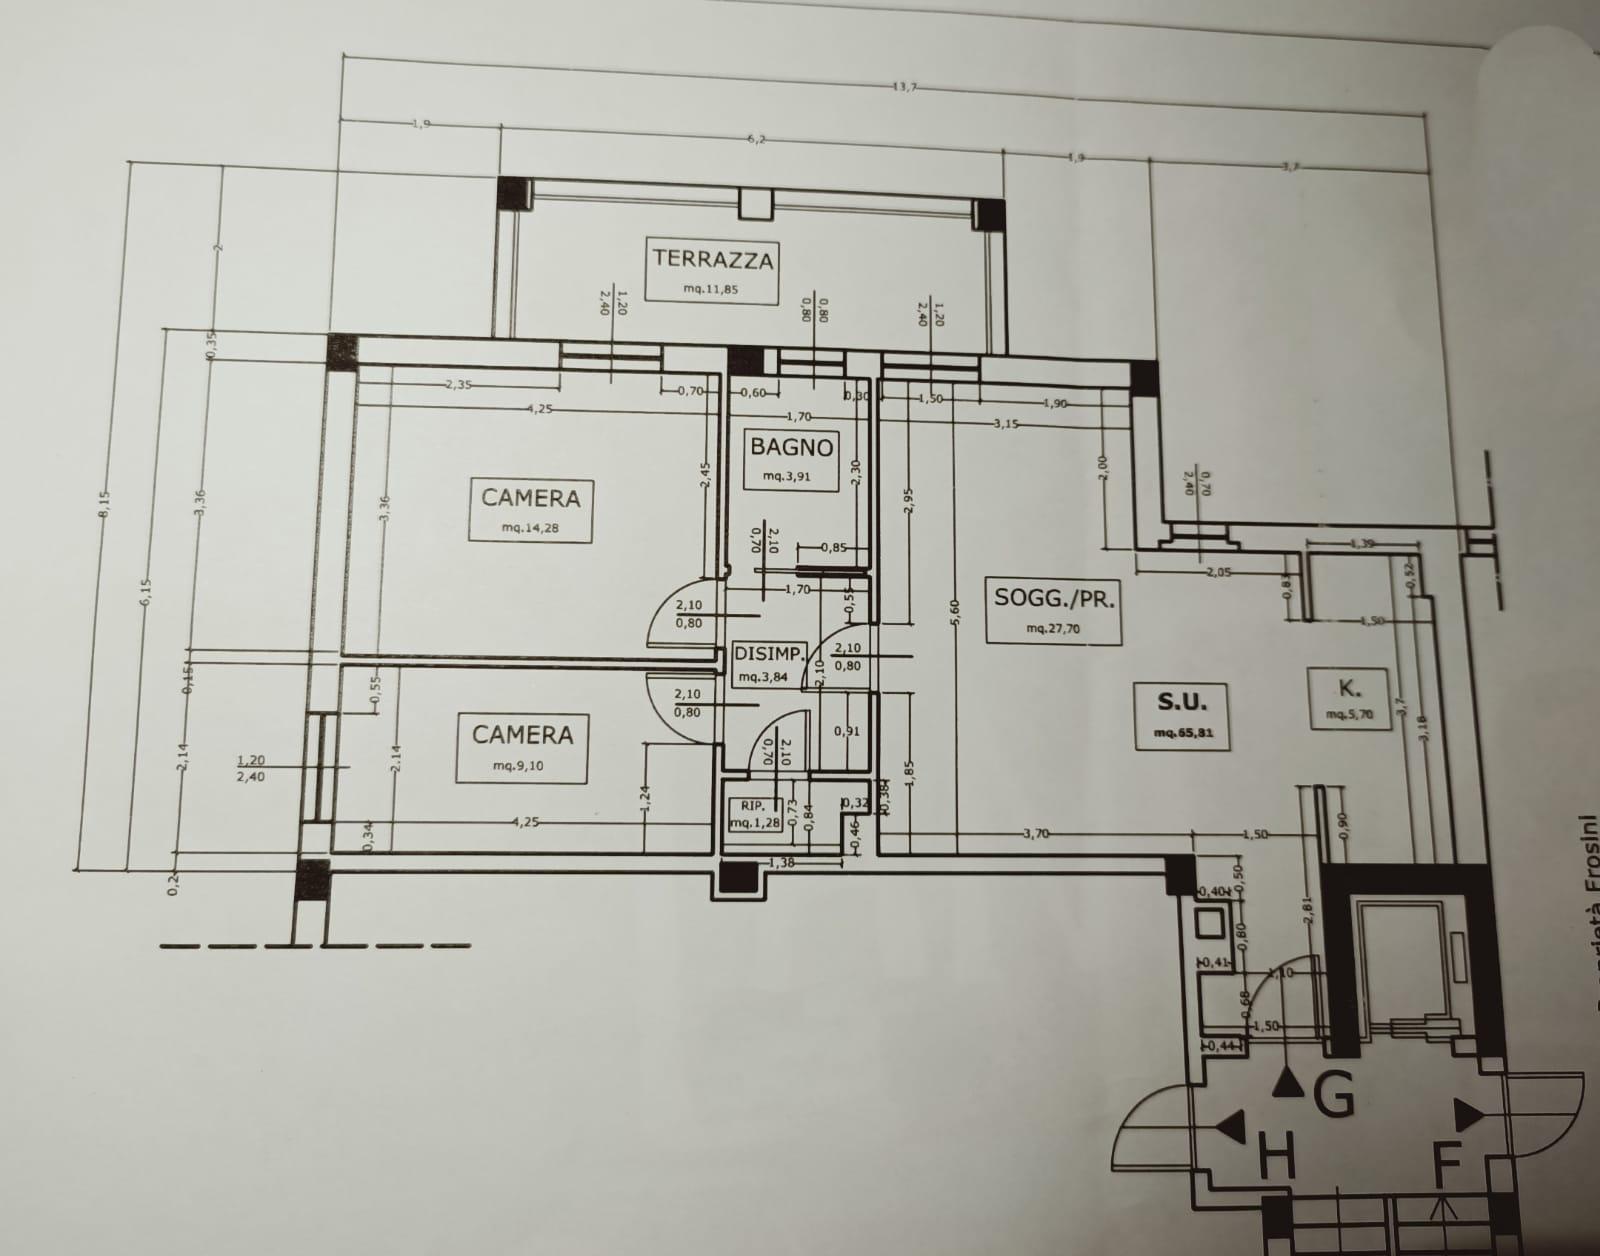 Appartamento in vendita, rif. 606 (Planimetria 1/1)